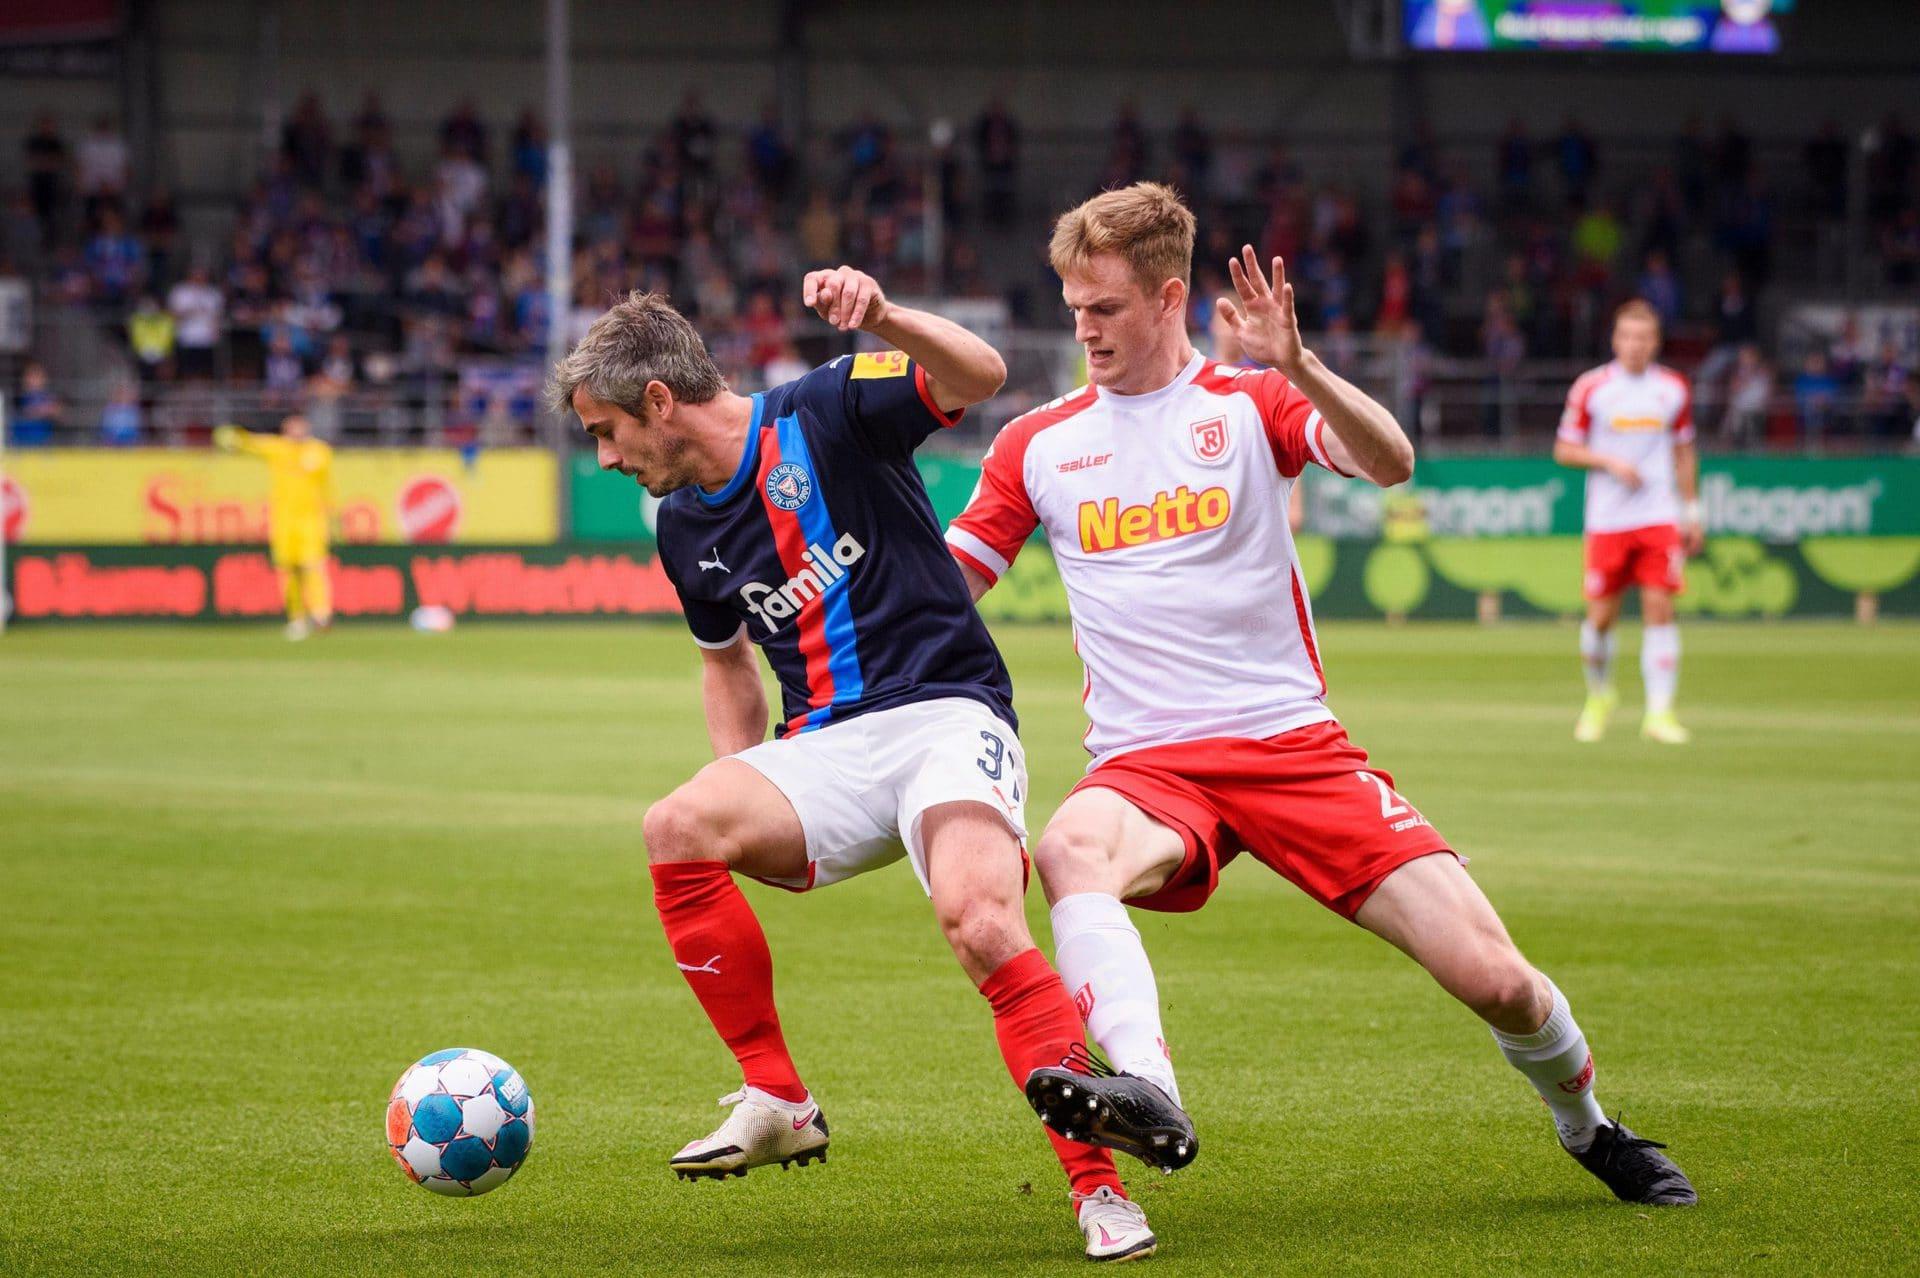 Traum-Tabelle fürs Jahn-Album Als nächstes kommt Schalke